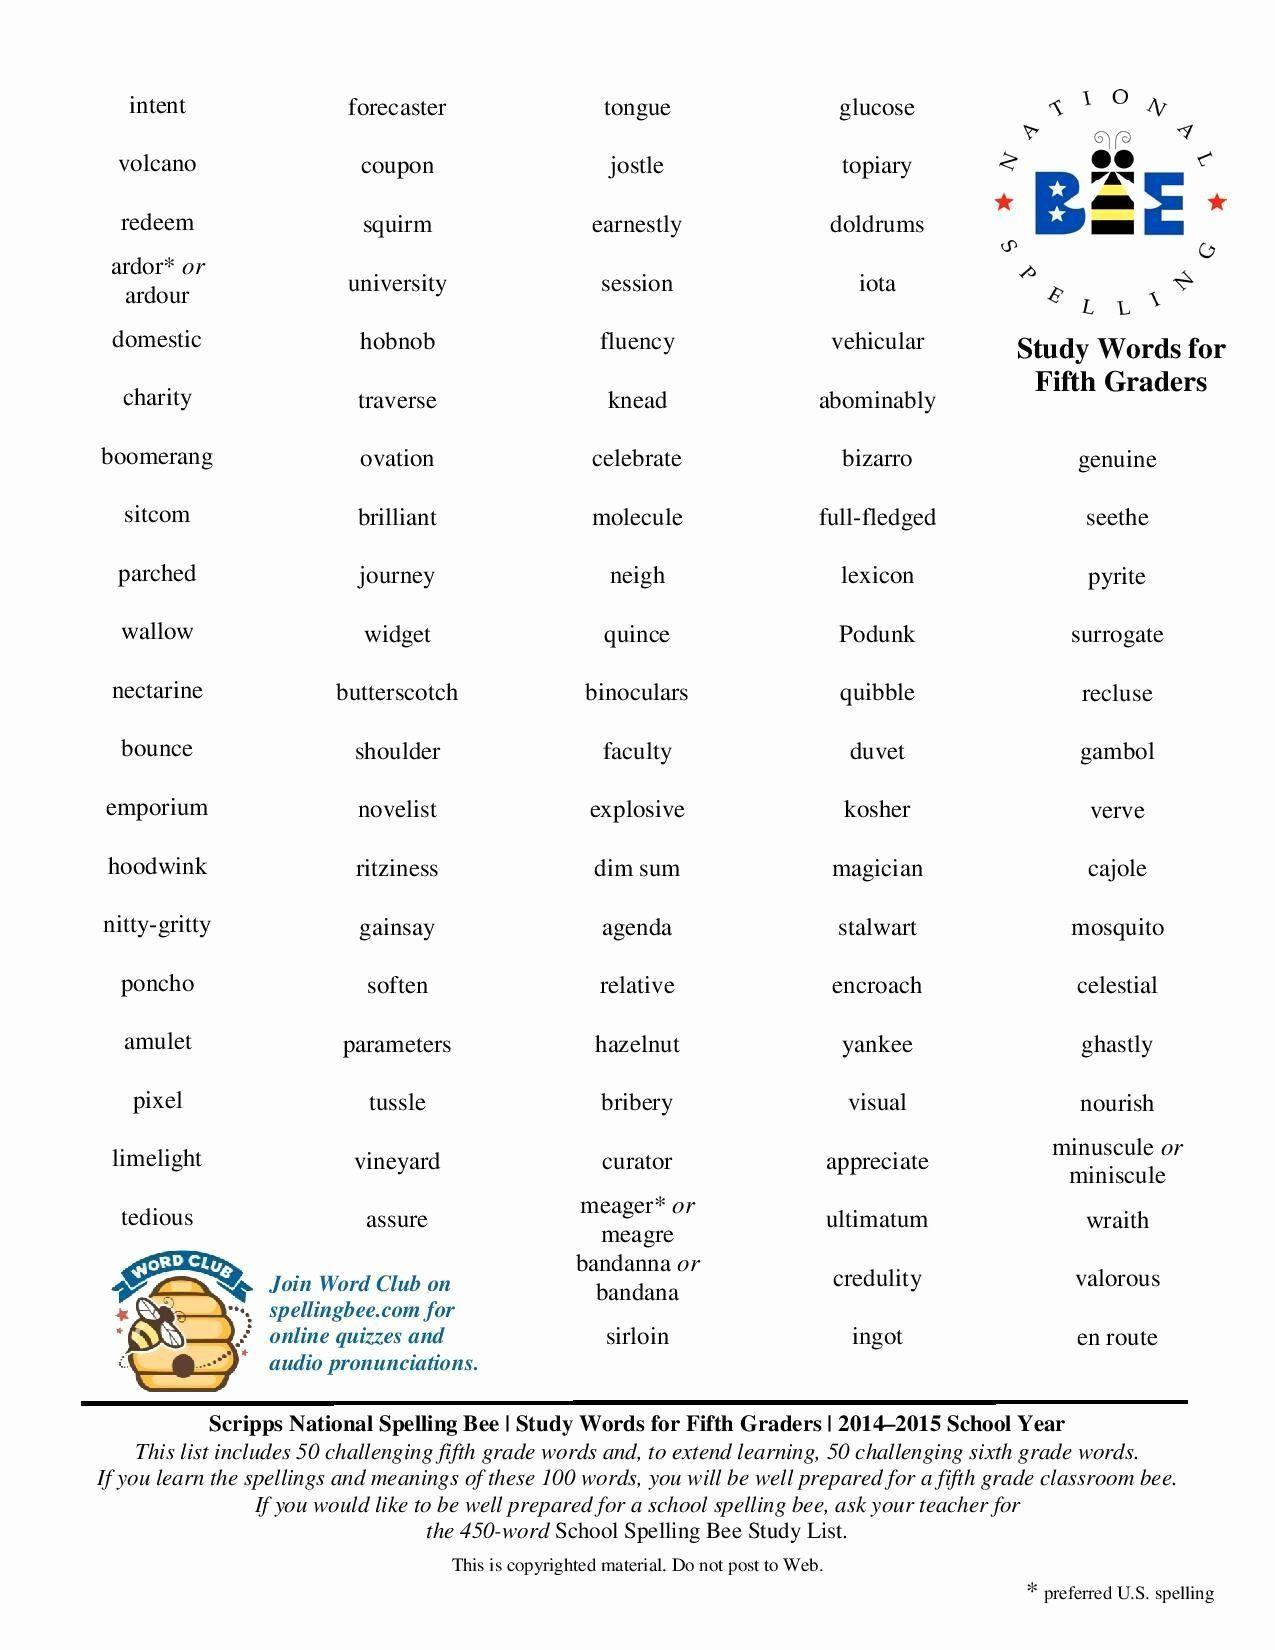 6th Grade Spelling Worksheet New 6th Grade Spelling Worksheet 1st Grade Spelling Worksheet In 2020 Spelling Bee Words Grade Spelling Spelling Worksheets